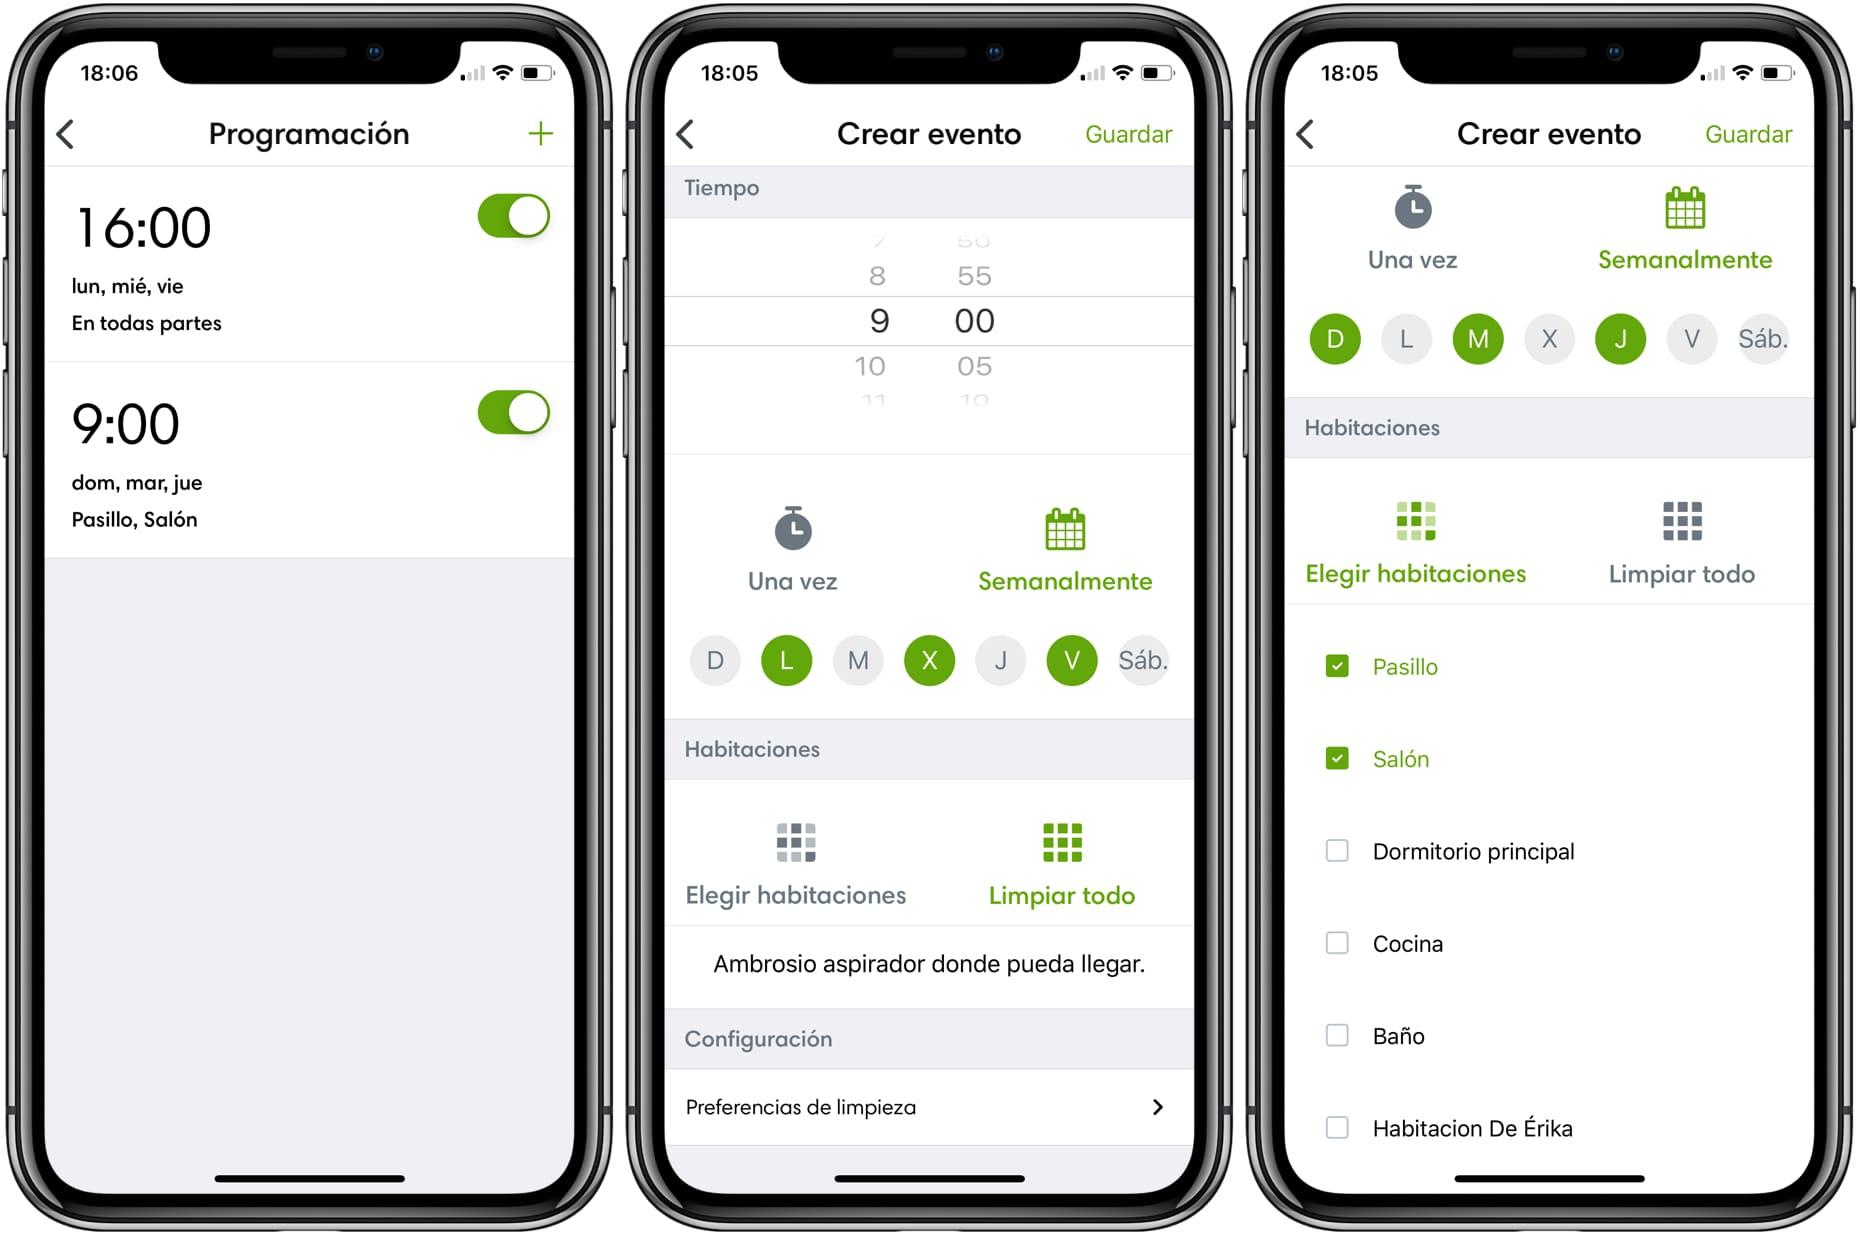 App Roomba i7+ programación